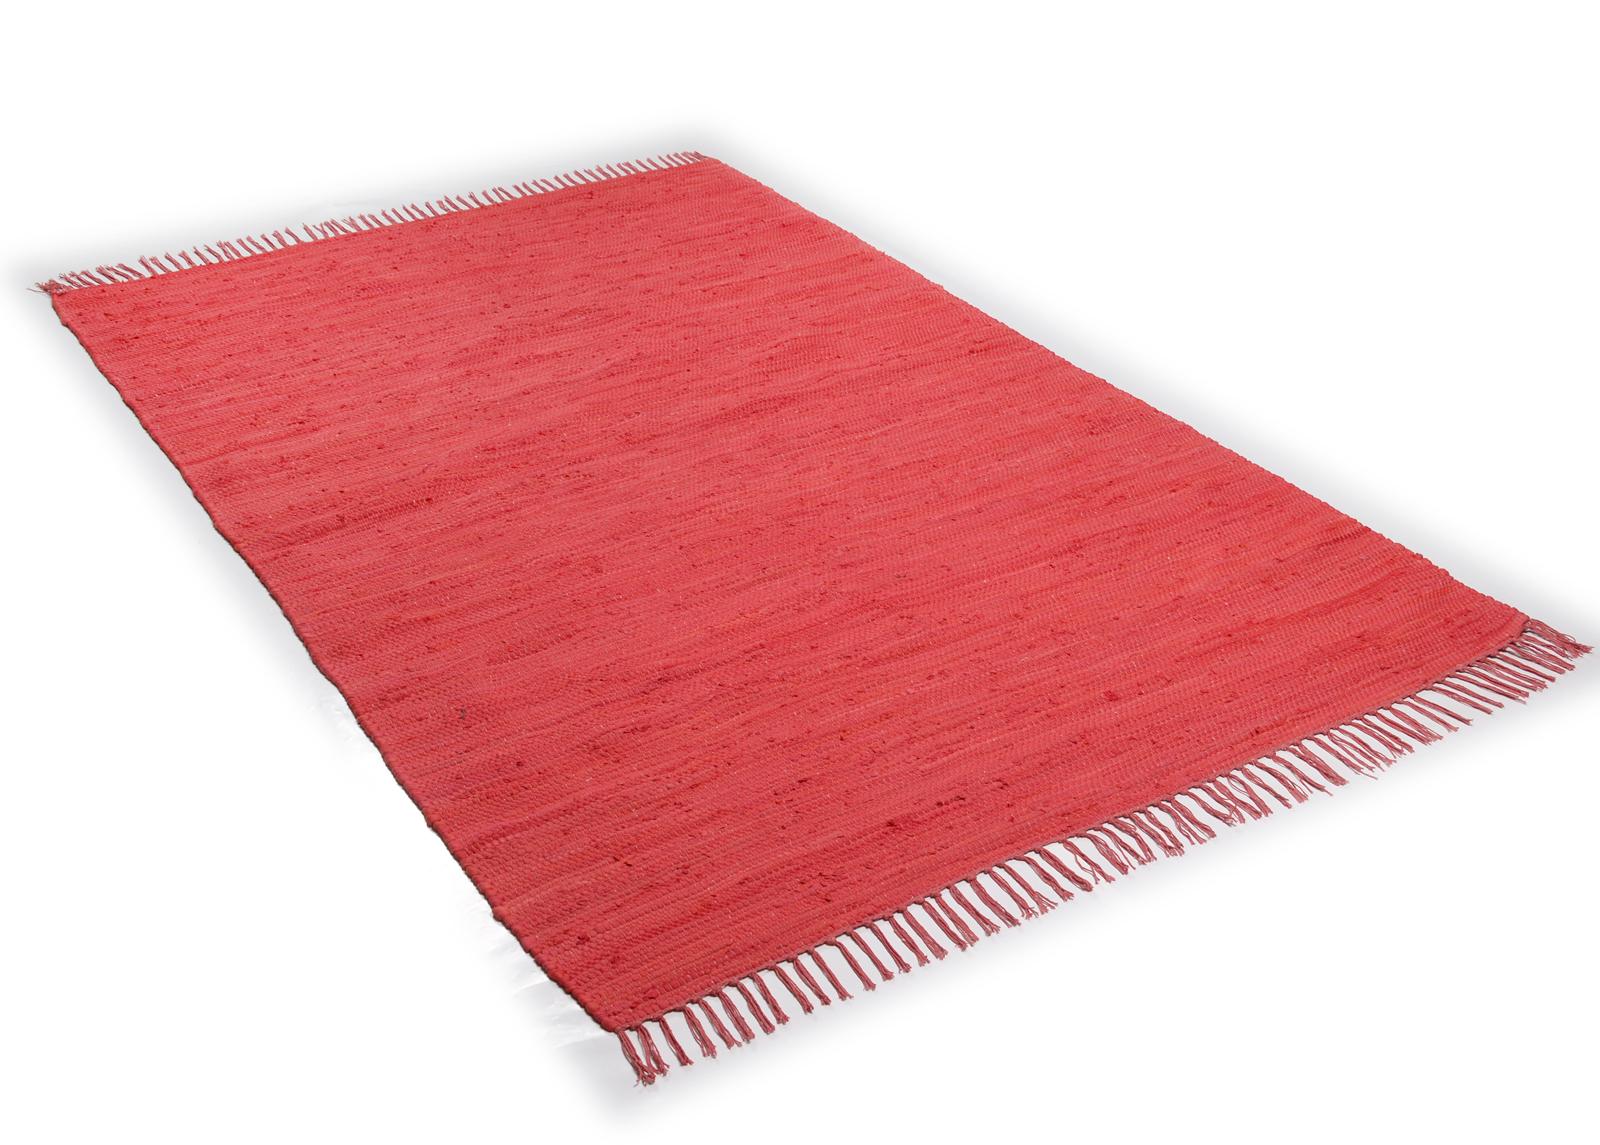 Matto Happy Cotton 70x250 cm, punainen